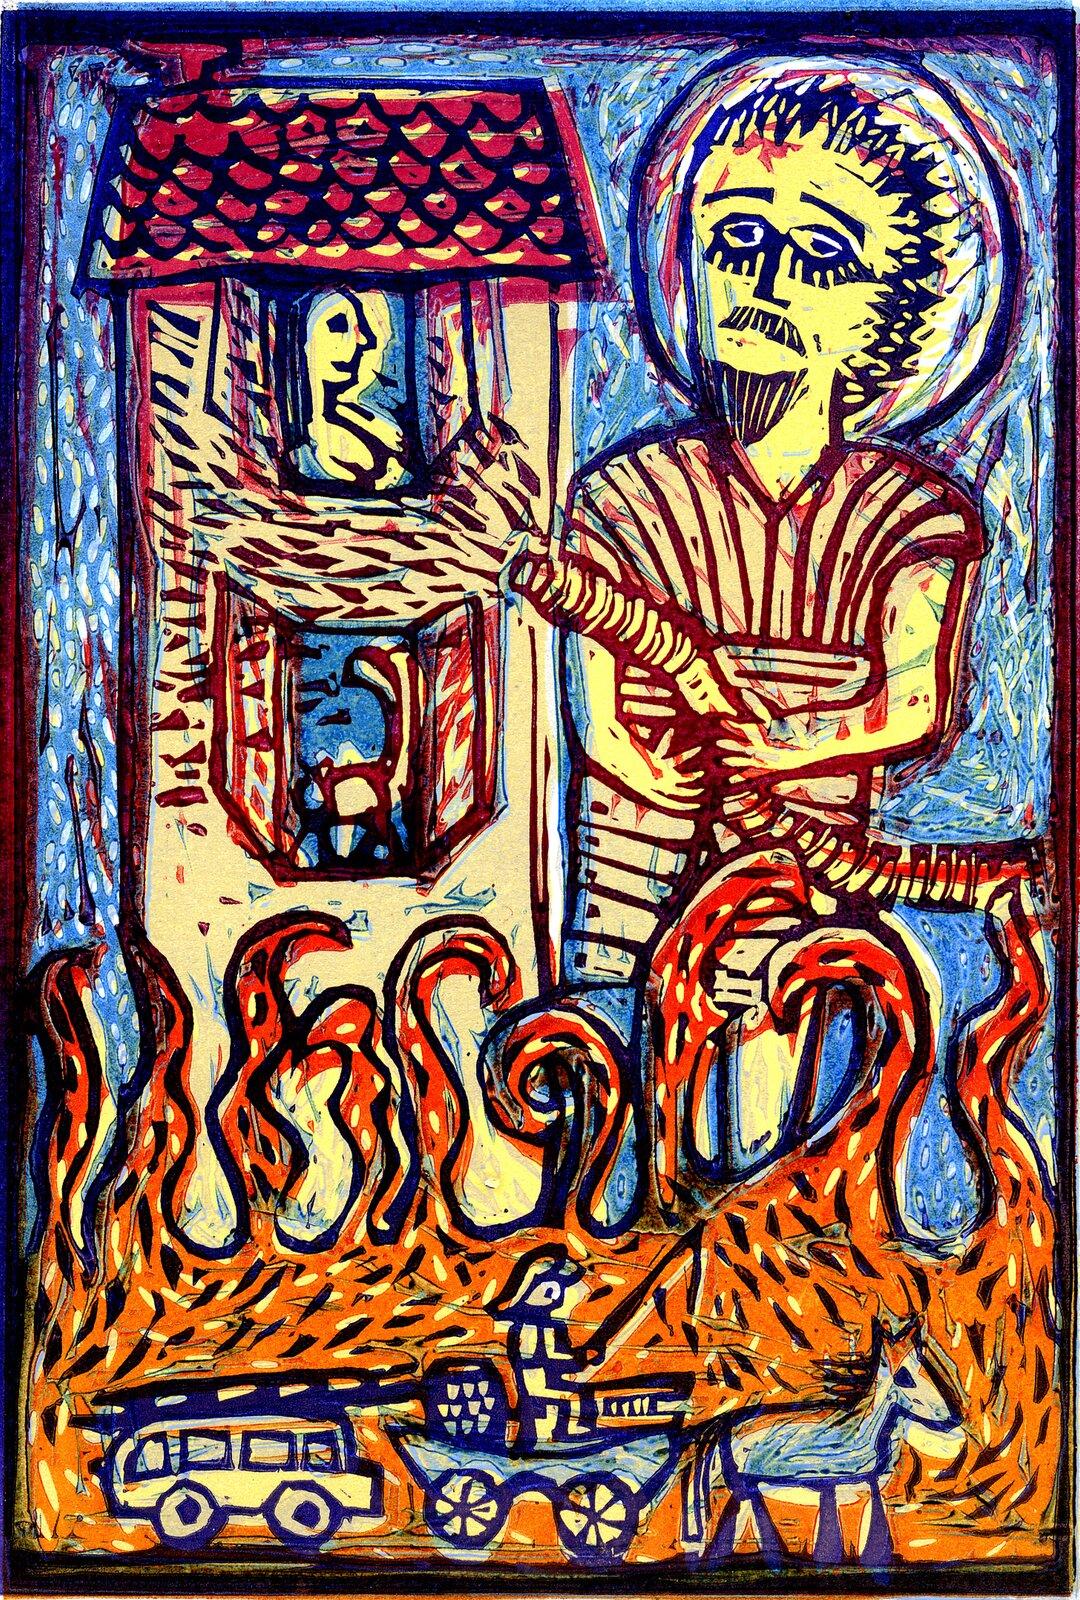 Ilustracja przedstawia linoryt Joanny Frydrychowicz-Janiak, który ukazuje świętego Floriana. Święty został przedstawiony jako współczesny strażak gaszący pożar. Po lewej stronie stoi dwupiętrowy dom zotwartymi oknami iciemnoczerwonym dachem. Florian gasi palący się dom. Udołu widać pomarańczowe płomienie, na tle których ukazany jest gaśniczy wóz konny prowadzony przez strażaka isamochód gaśniczy.